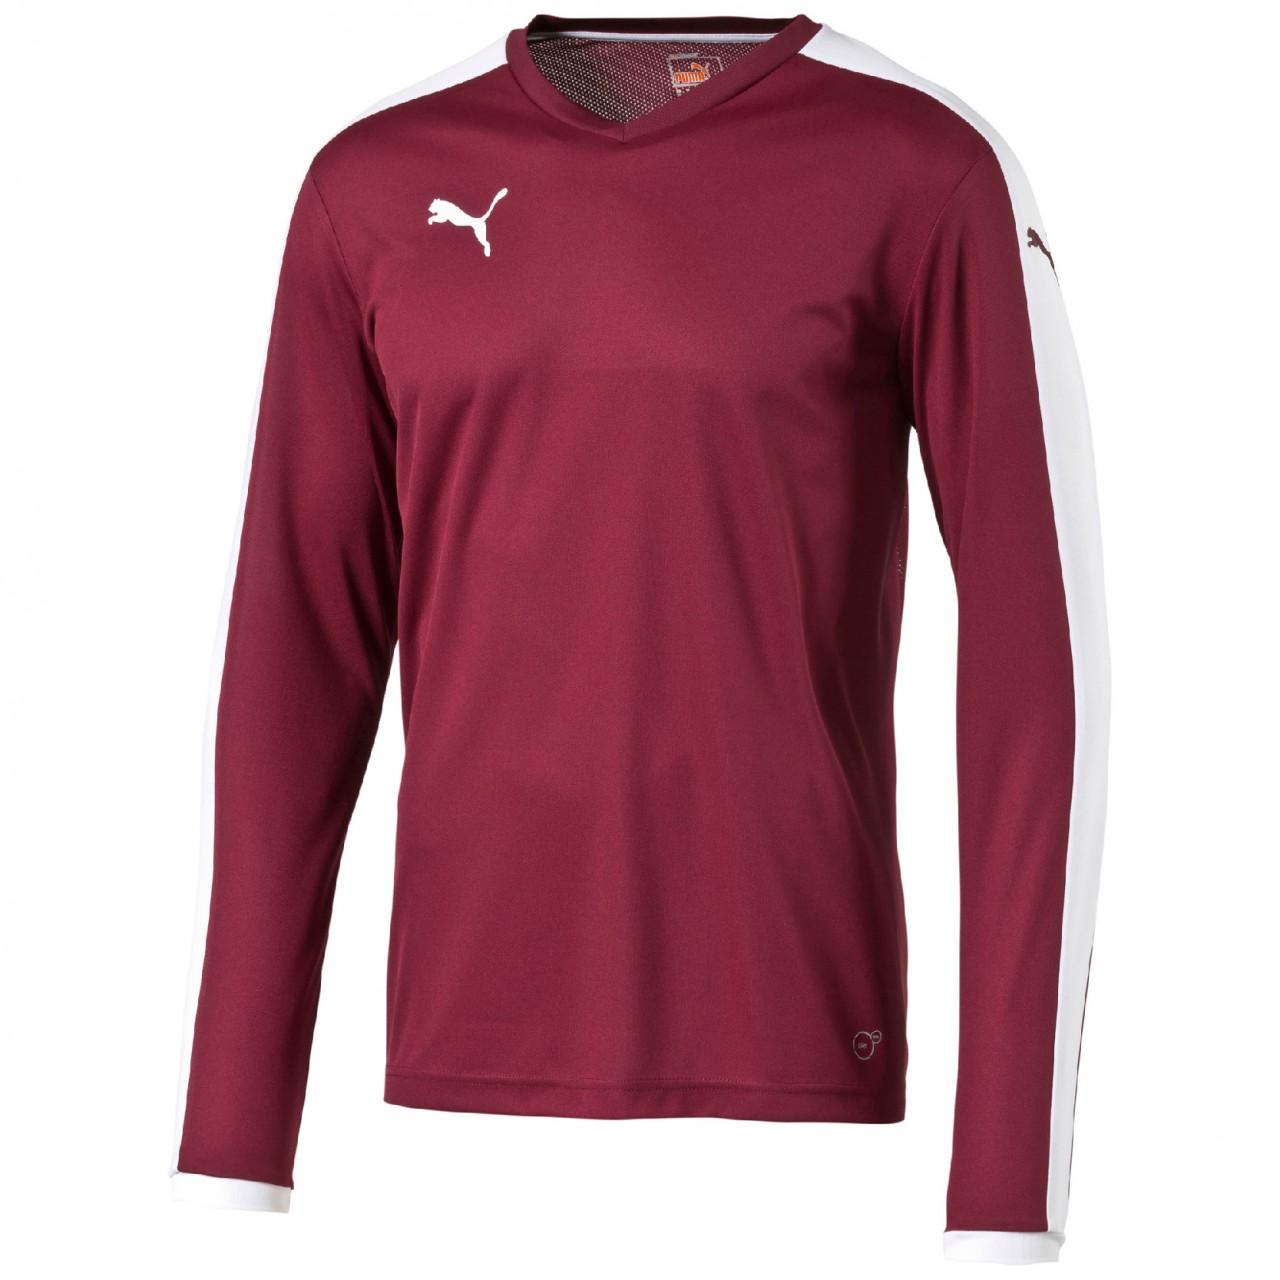 PUMA Pitch Longsleeved Shirt